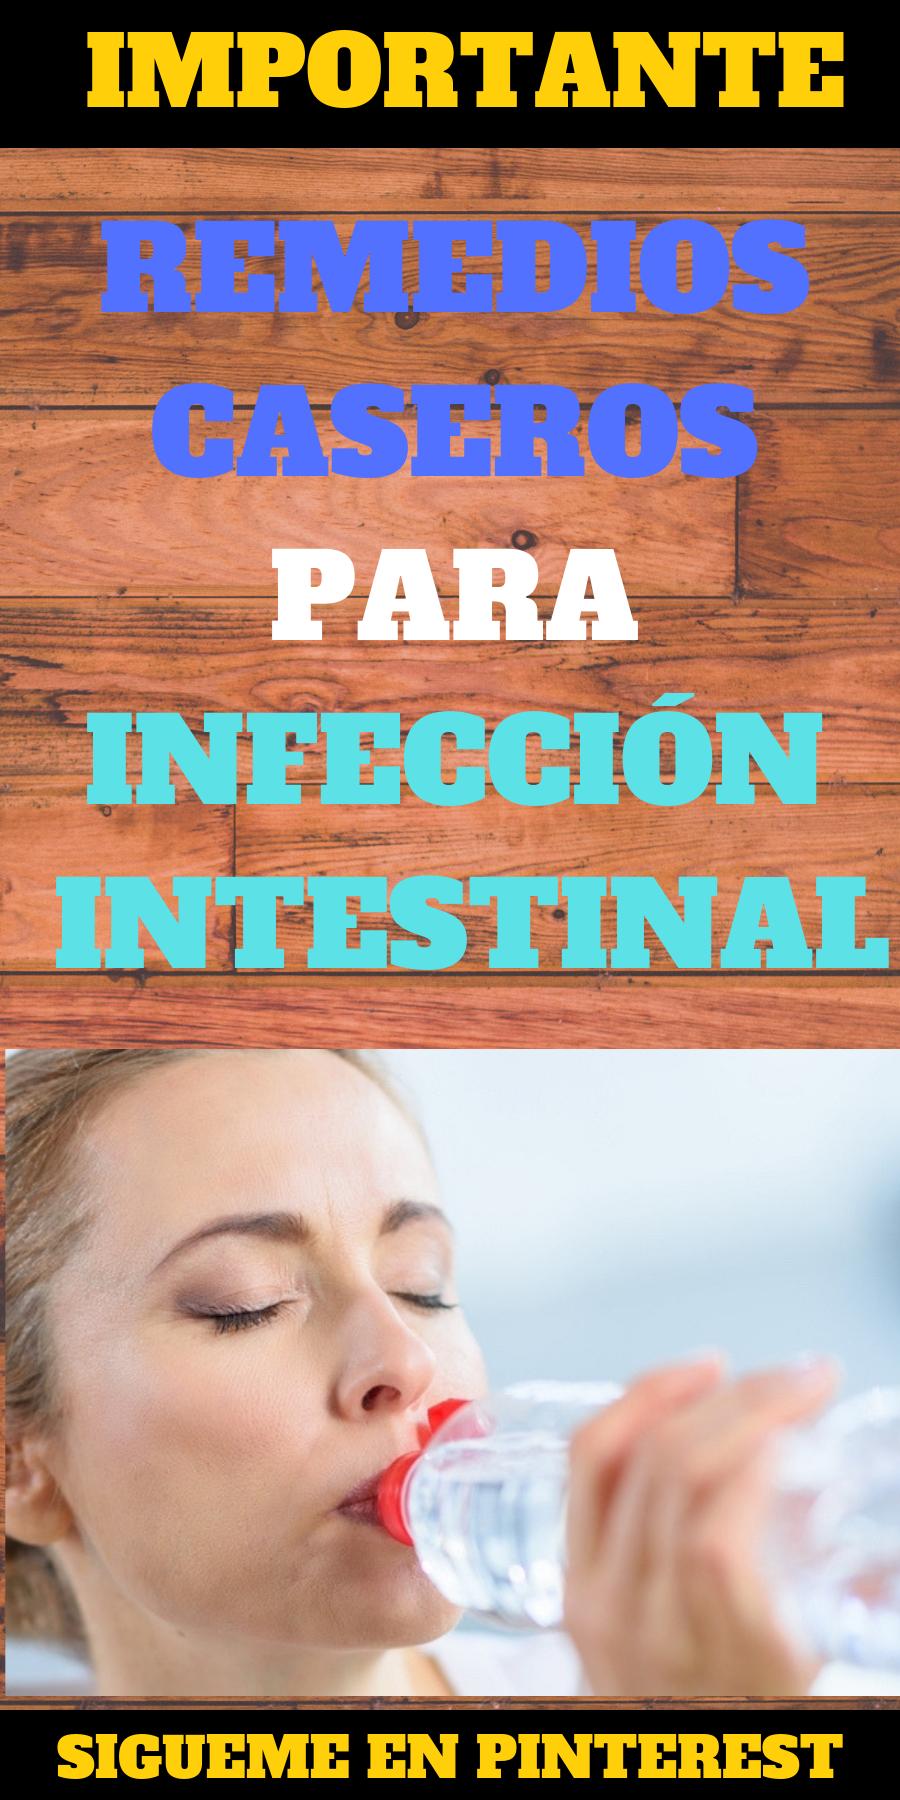 remedios caseros para una infeccion intestinal